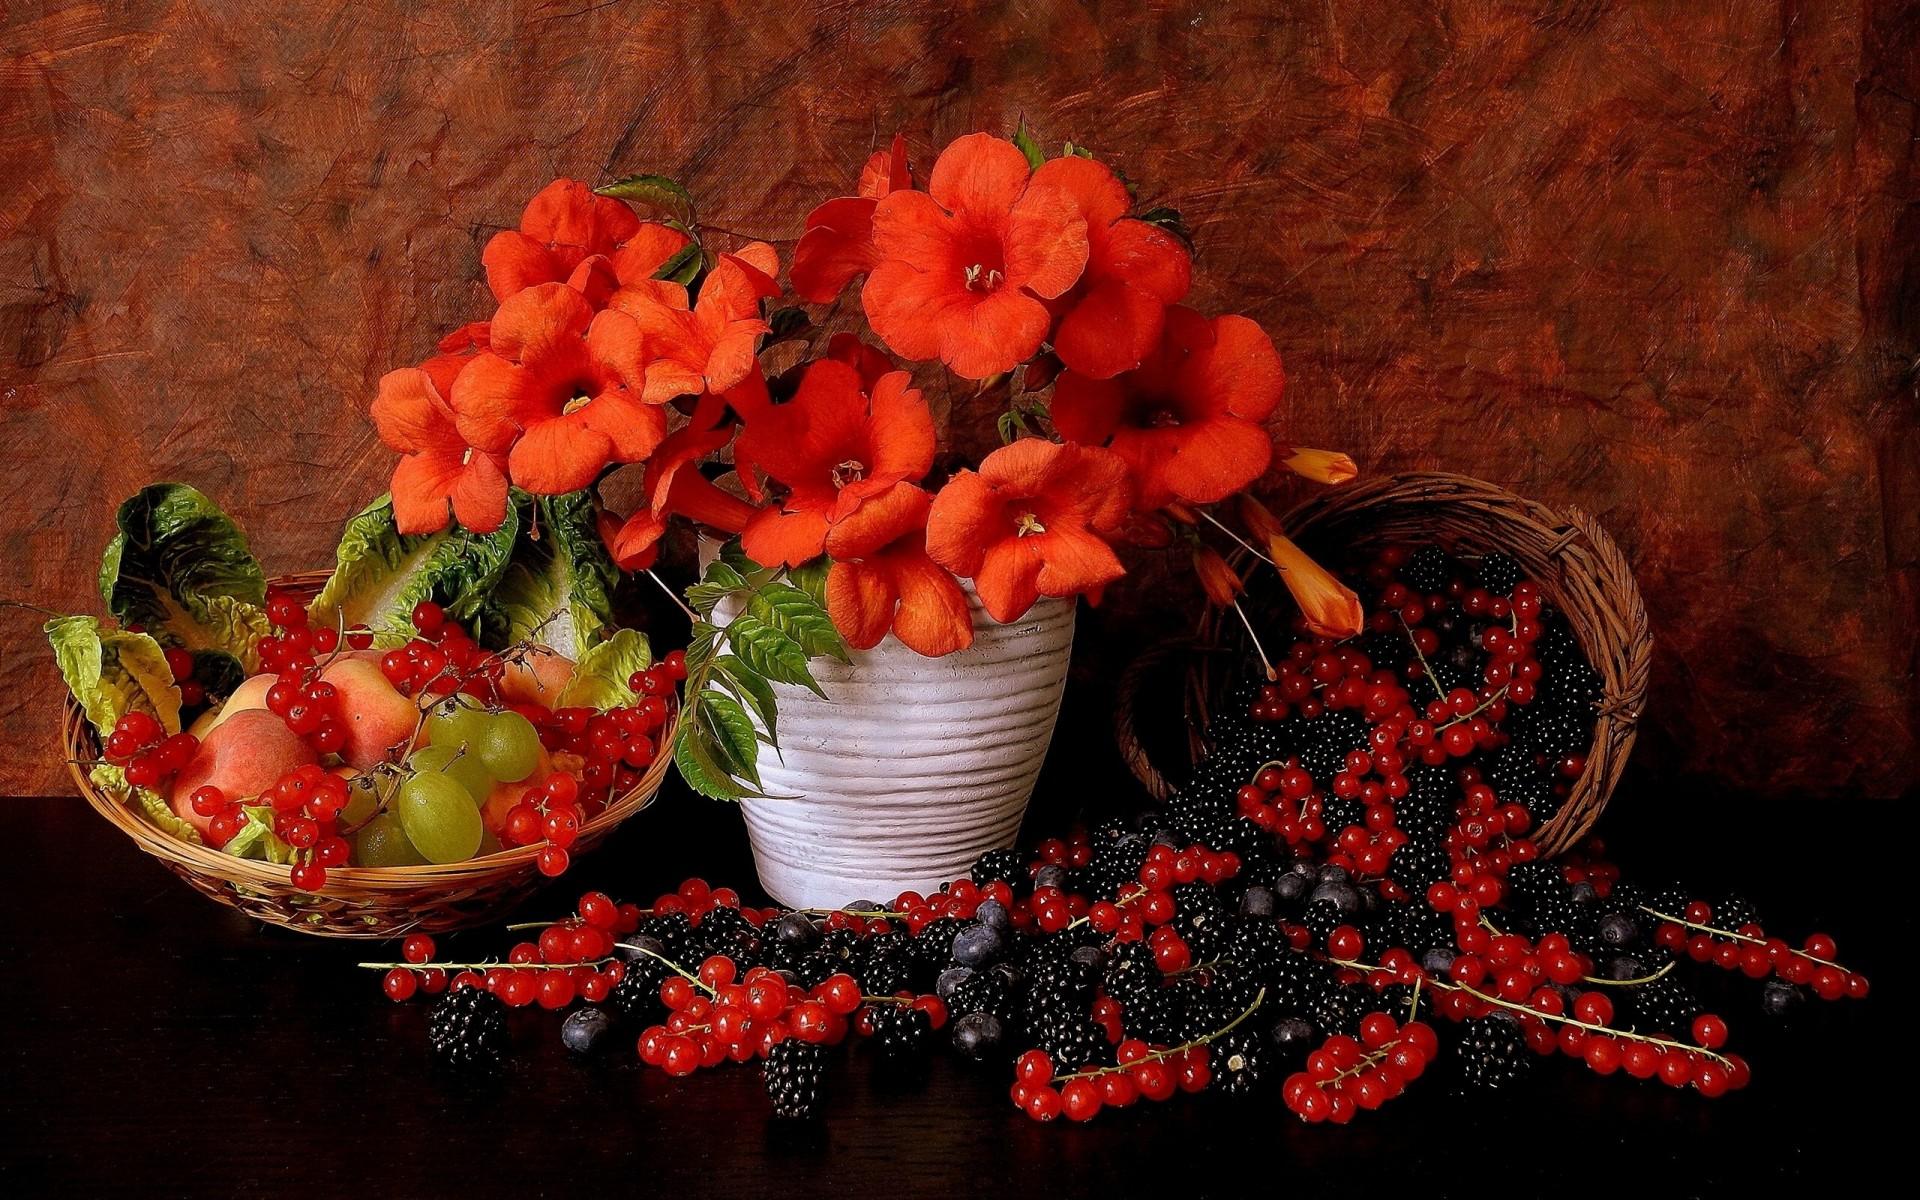 Картинки надписями, красивые открытки с фруктами и цветами